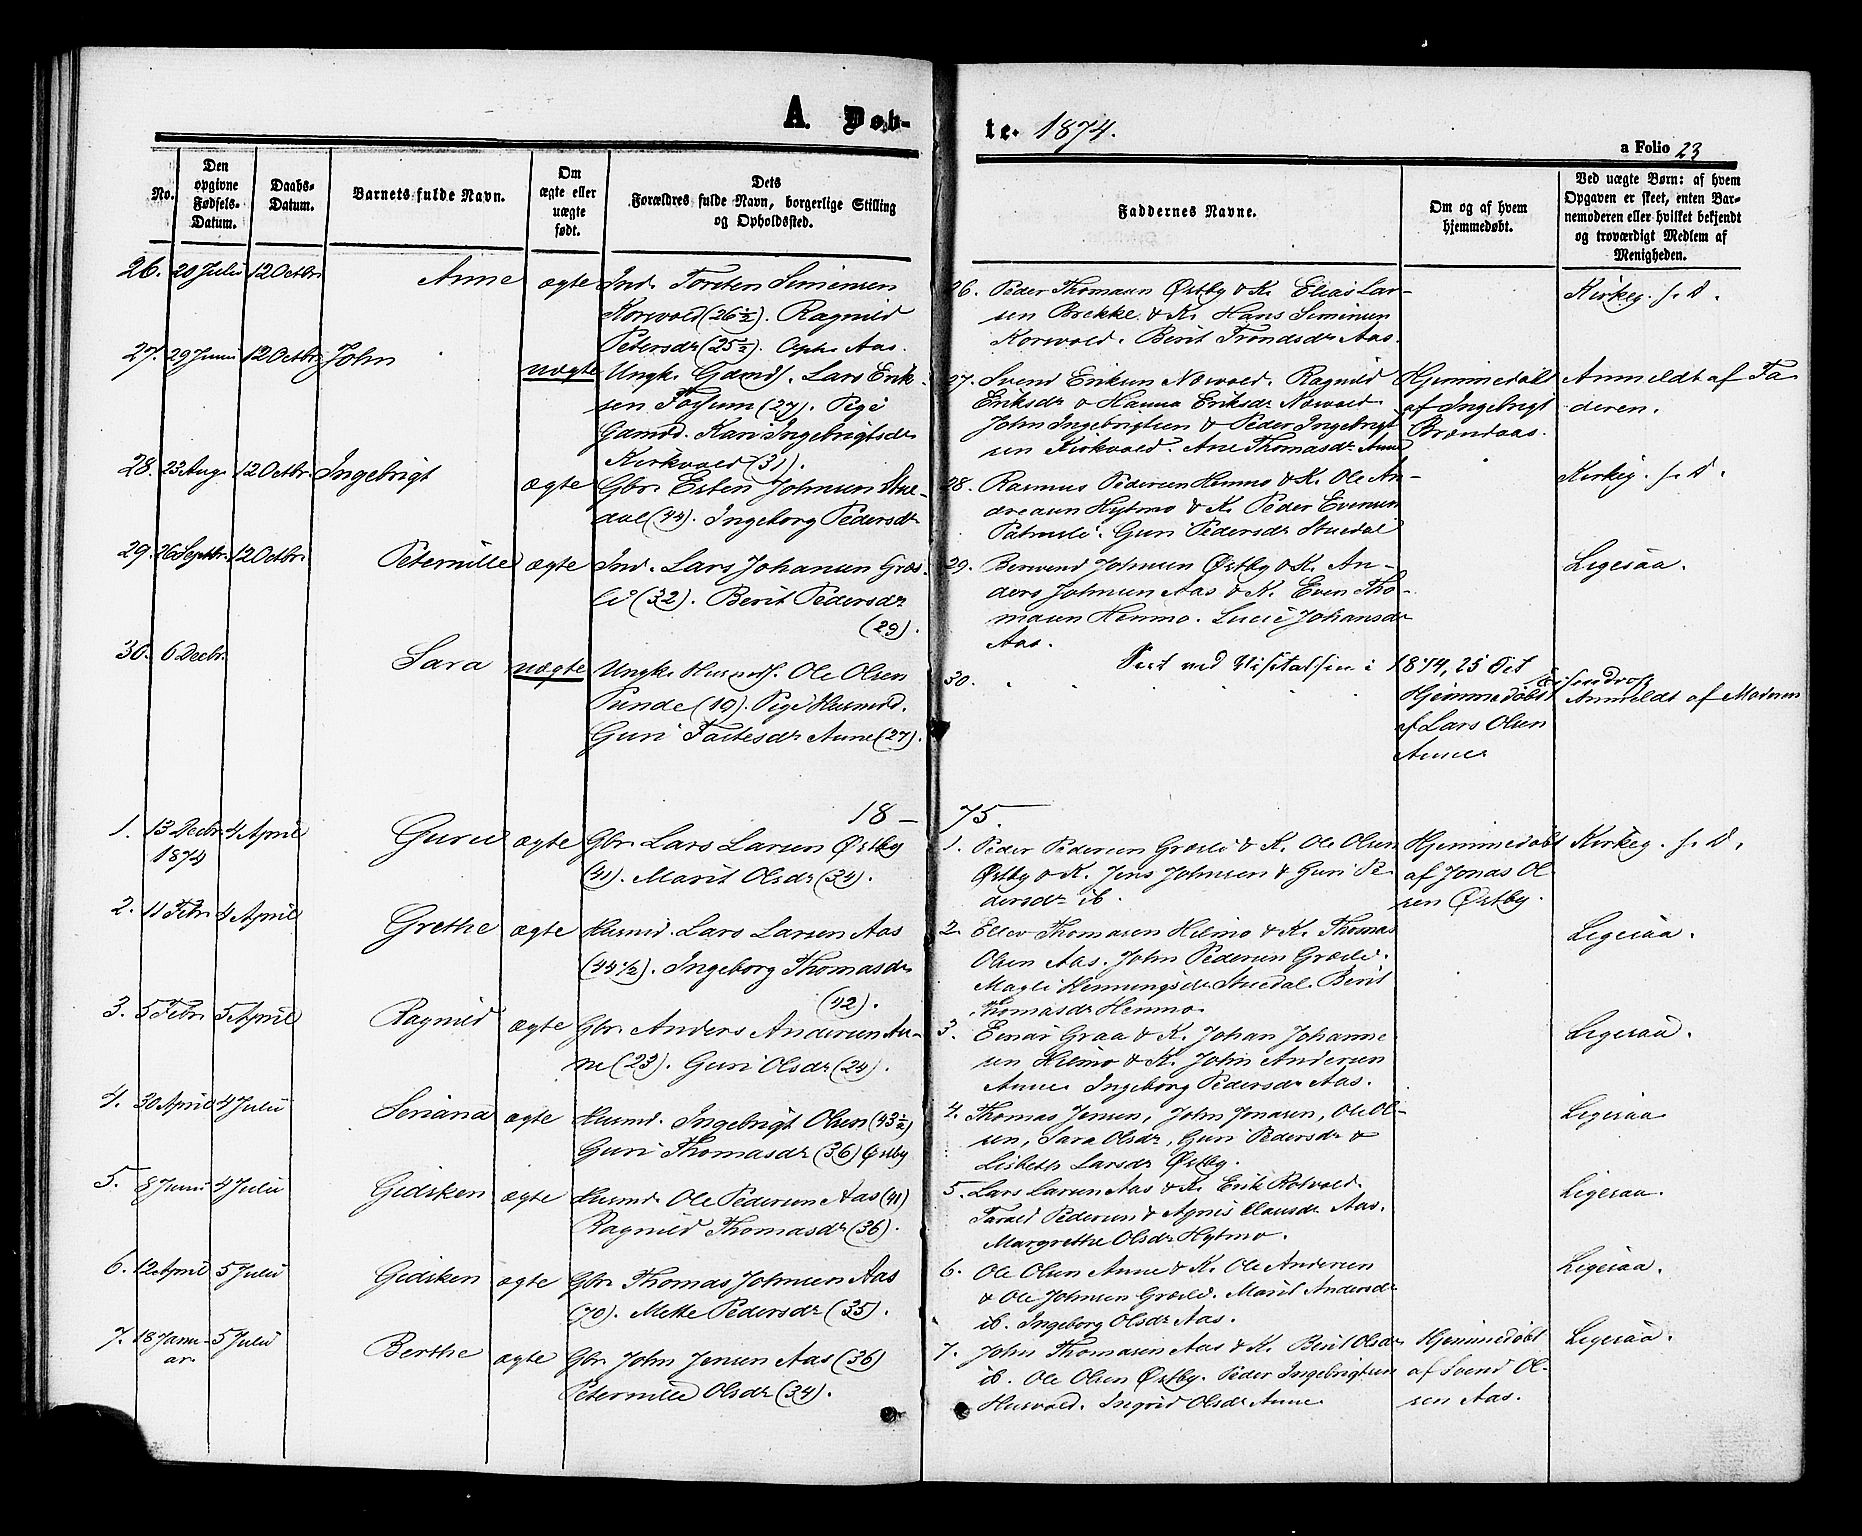 SAT, Ministerialprotokoller, klokkerbøker og fødselsregistre - Sør-Trøndelag, 698/L1163: Ministerialbok nr. 698A01, 1862-1887, s. 23